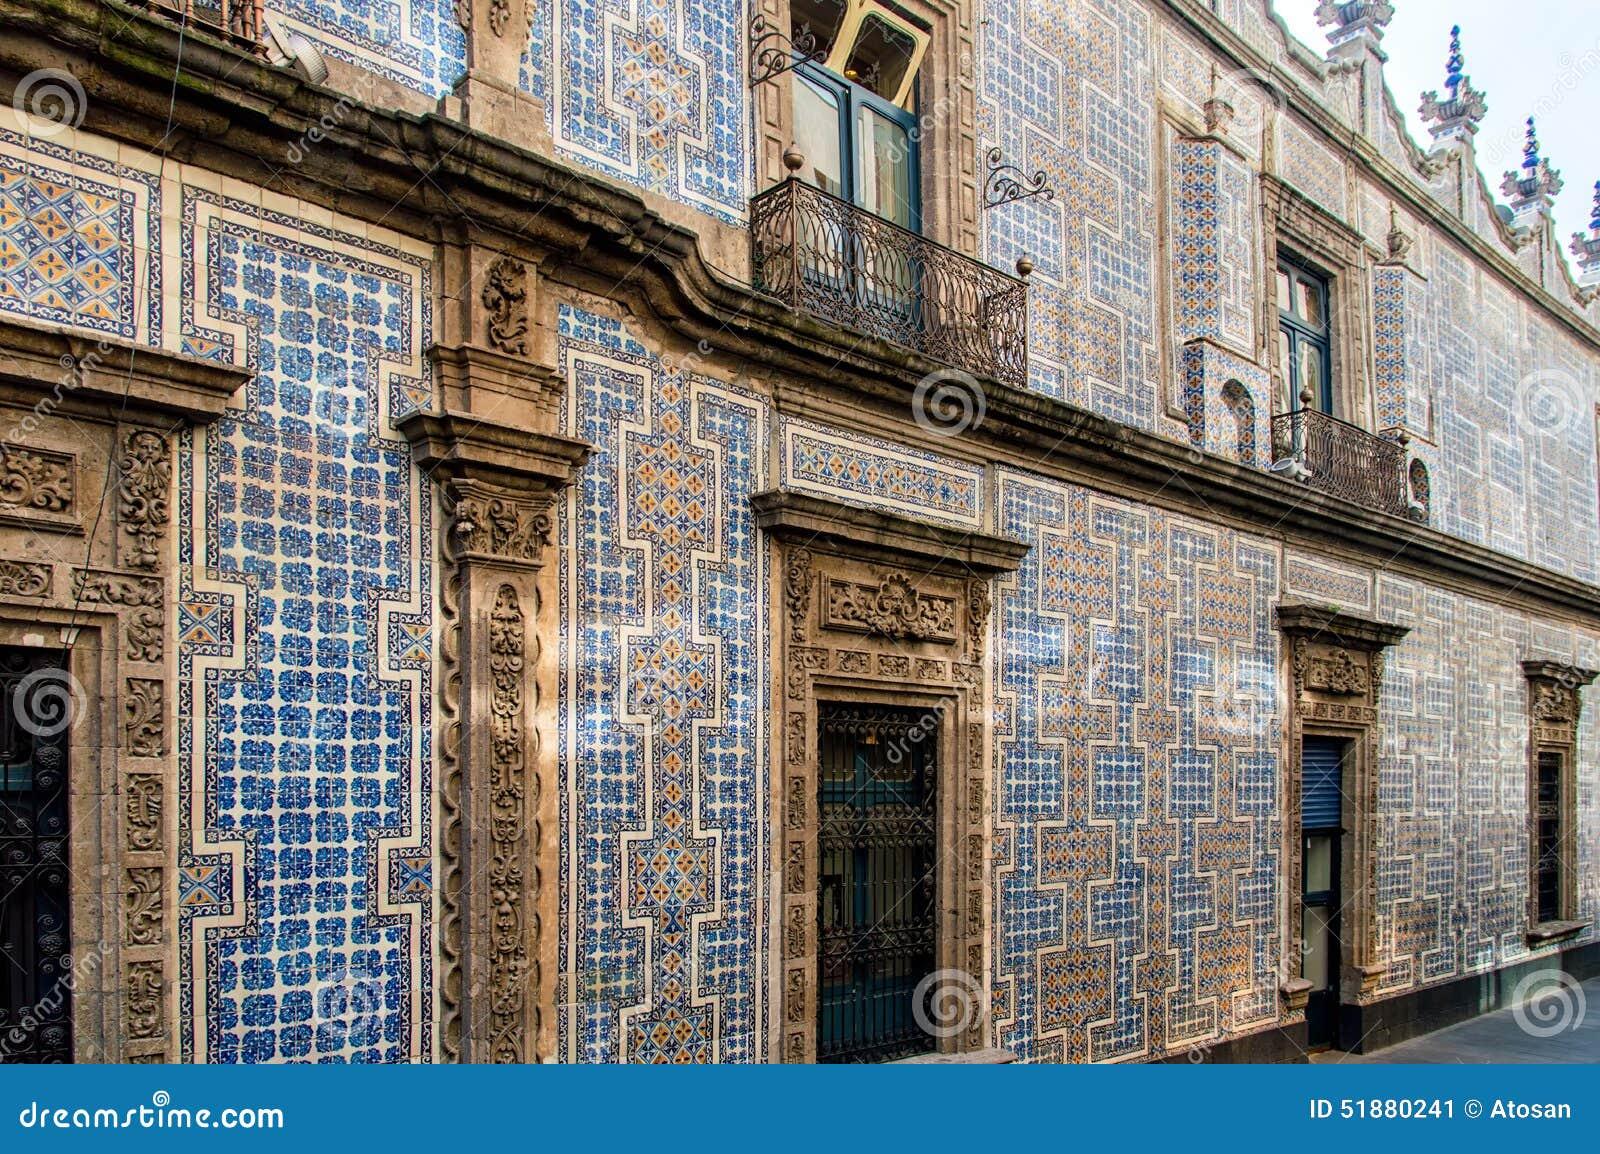 Casa de los azulejos stock photo image 51880241 for Casa de azulejos